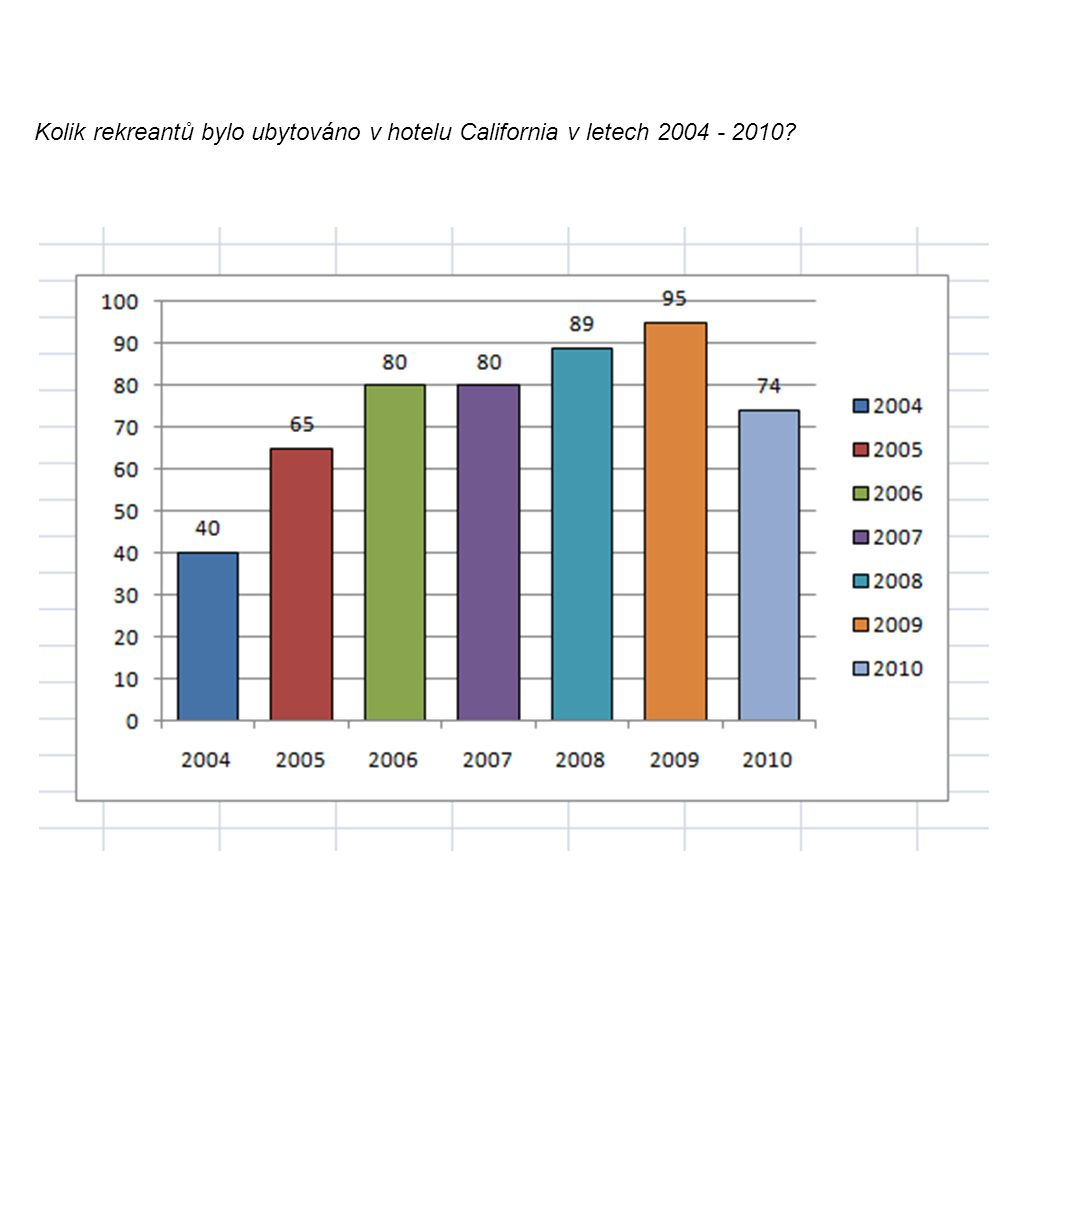 Kolik rekreantů bylo ubytováno v hotelu California v letech 2004 - 2010?